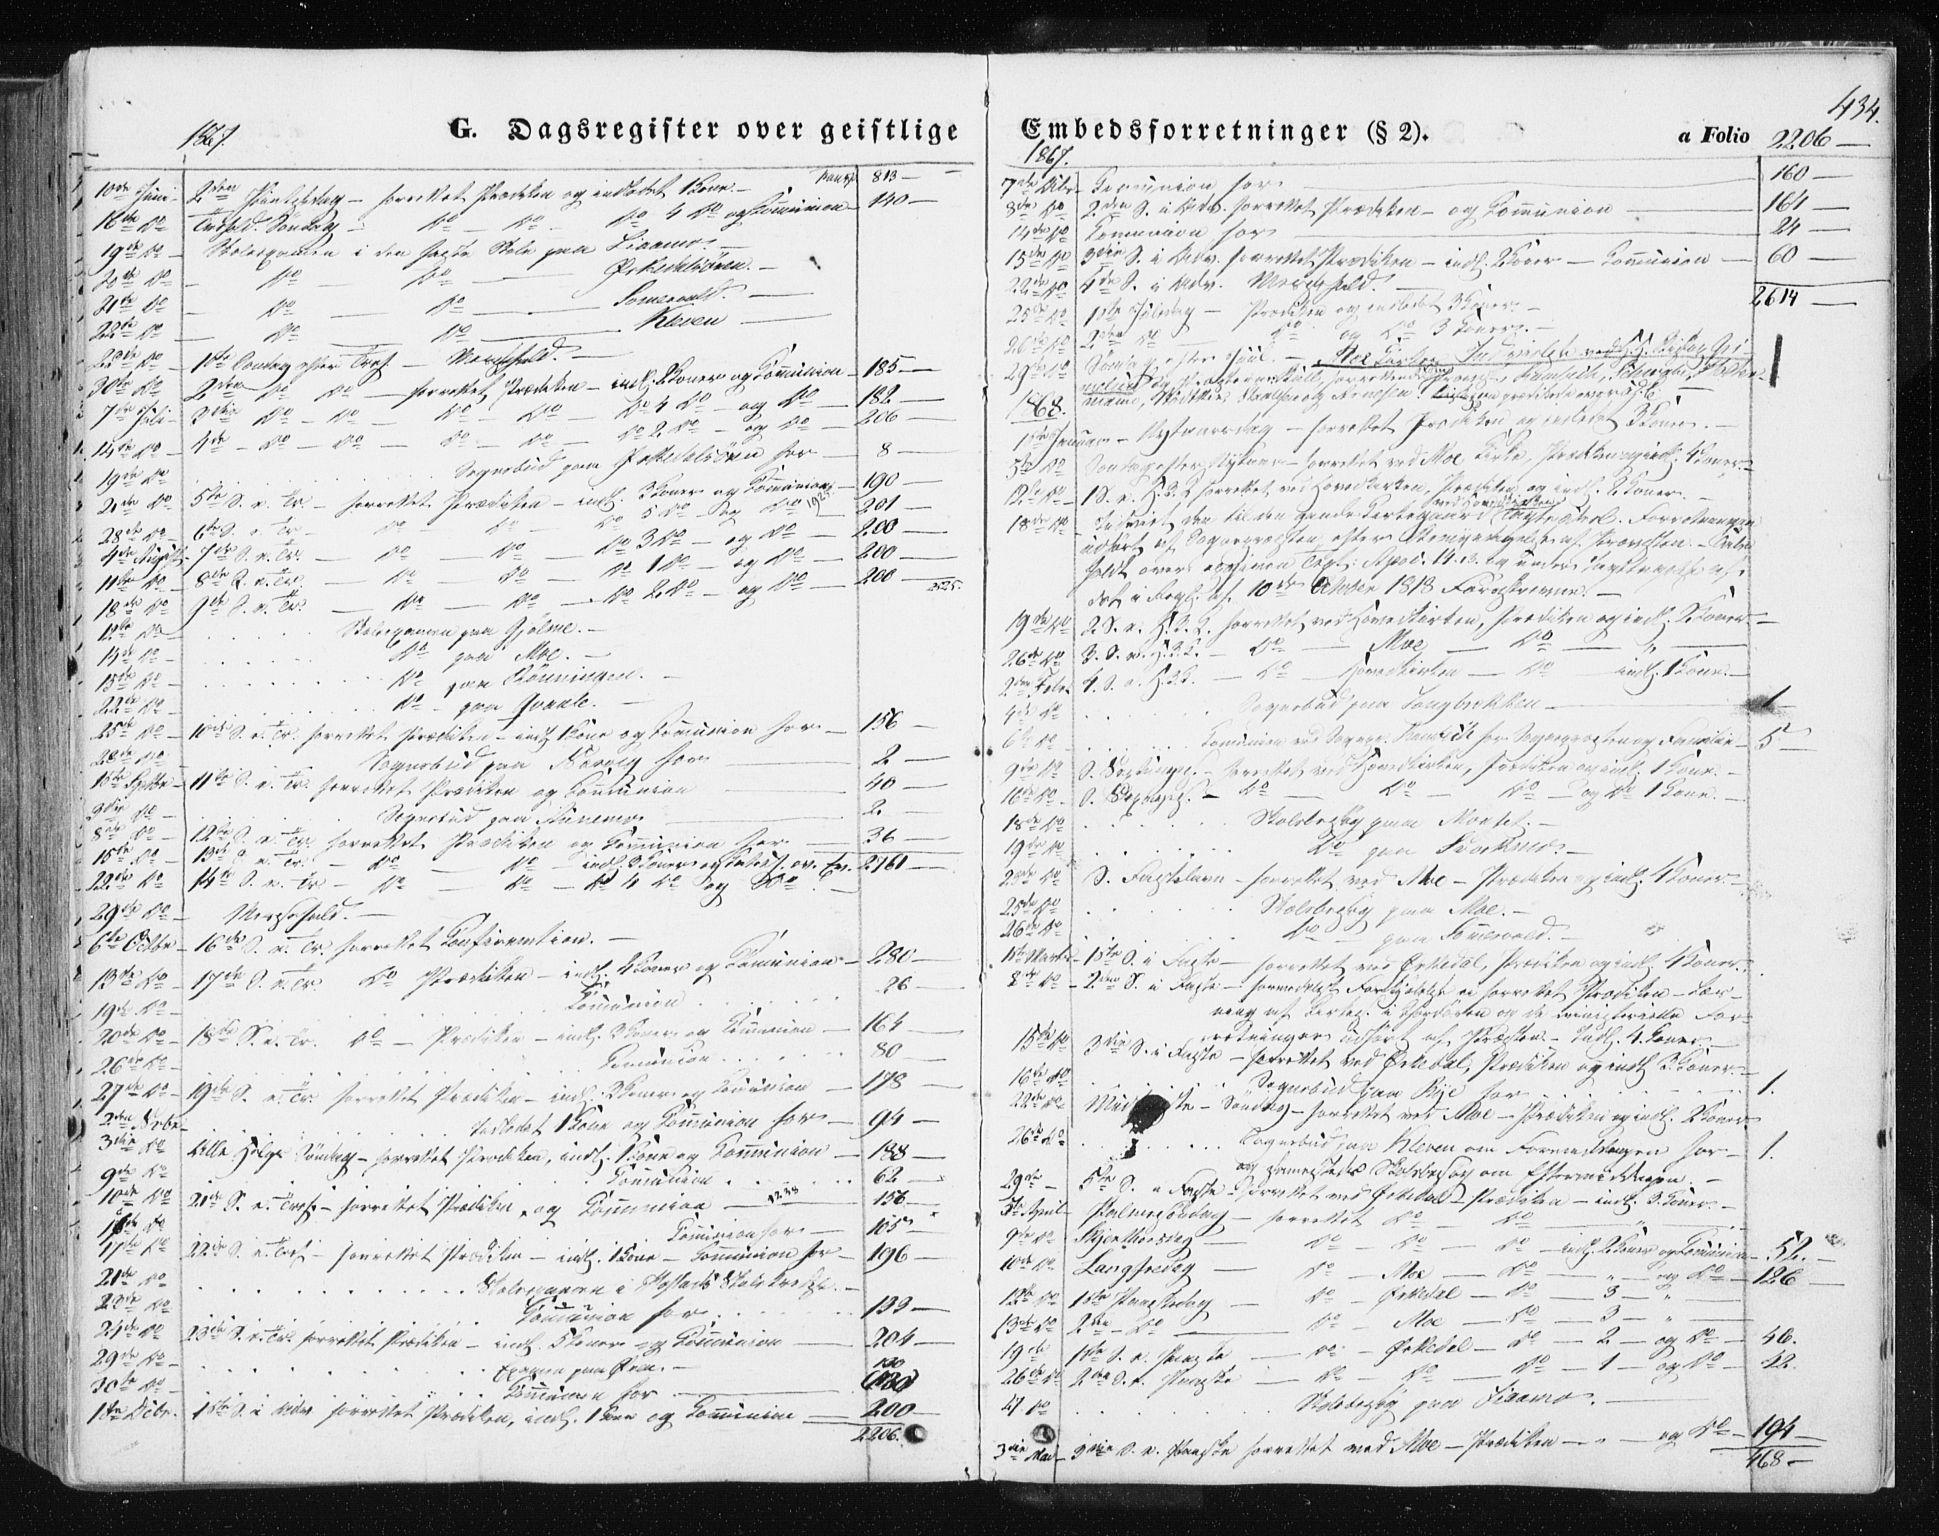 SAT, Ministerialprotokoller, klokkerbøker og fødselsregistre - Sør-Trøndelag, 668/L0806: Ministerialbok nr. 668A06, 1854-1869, s. 434